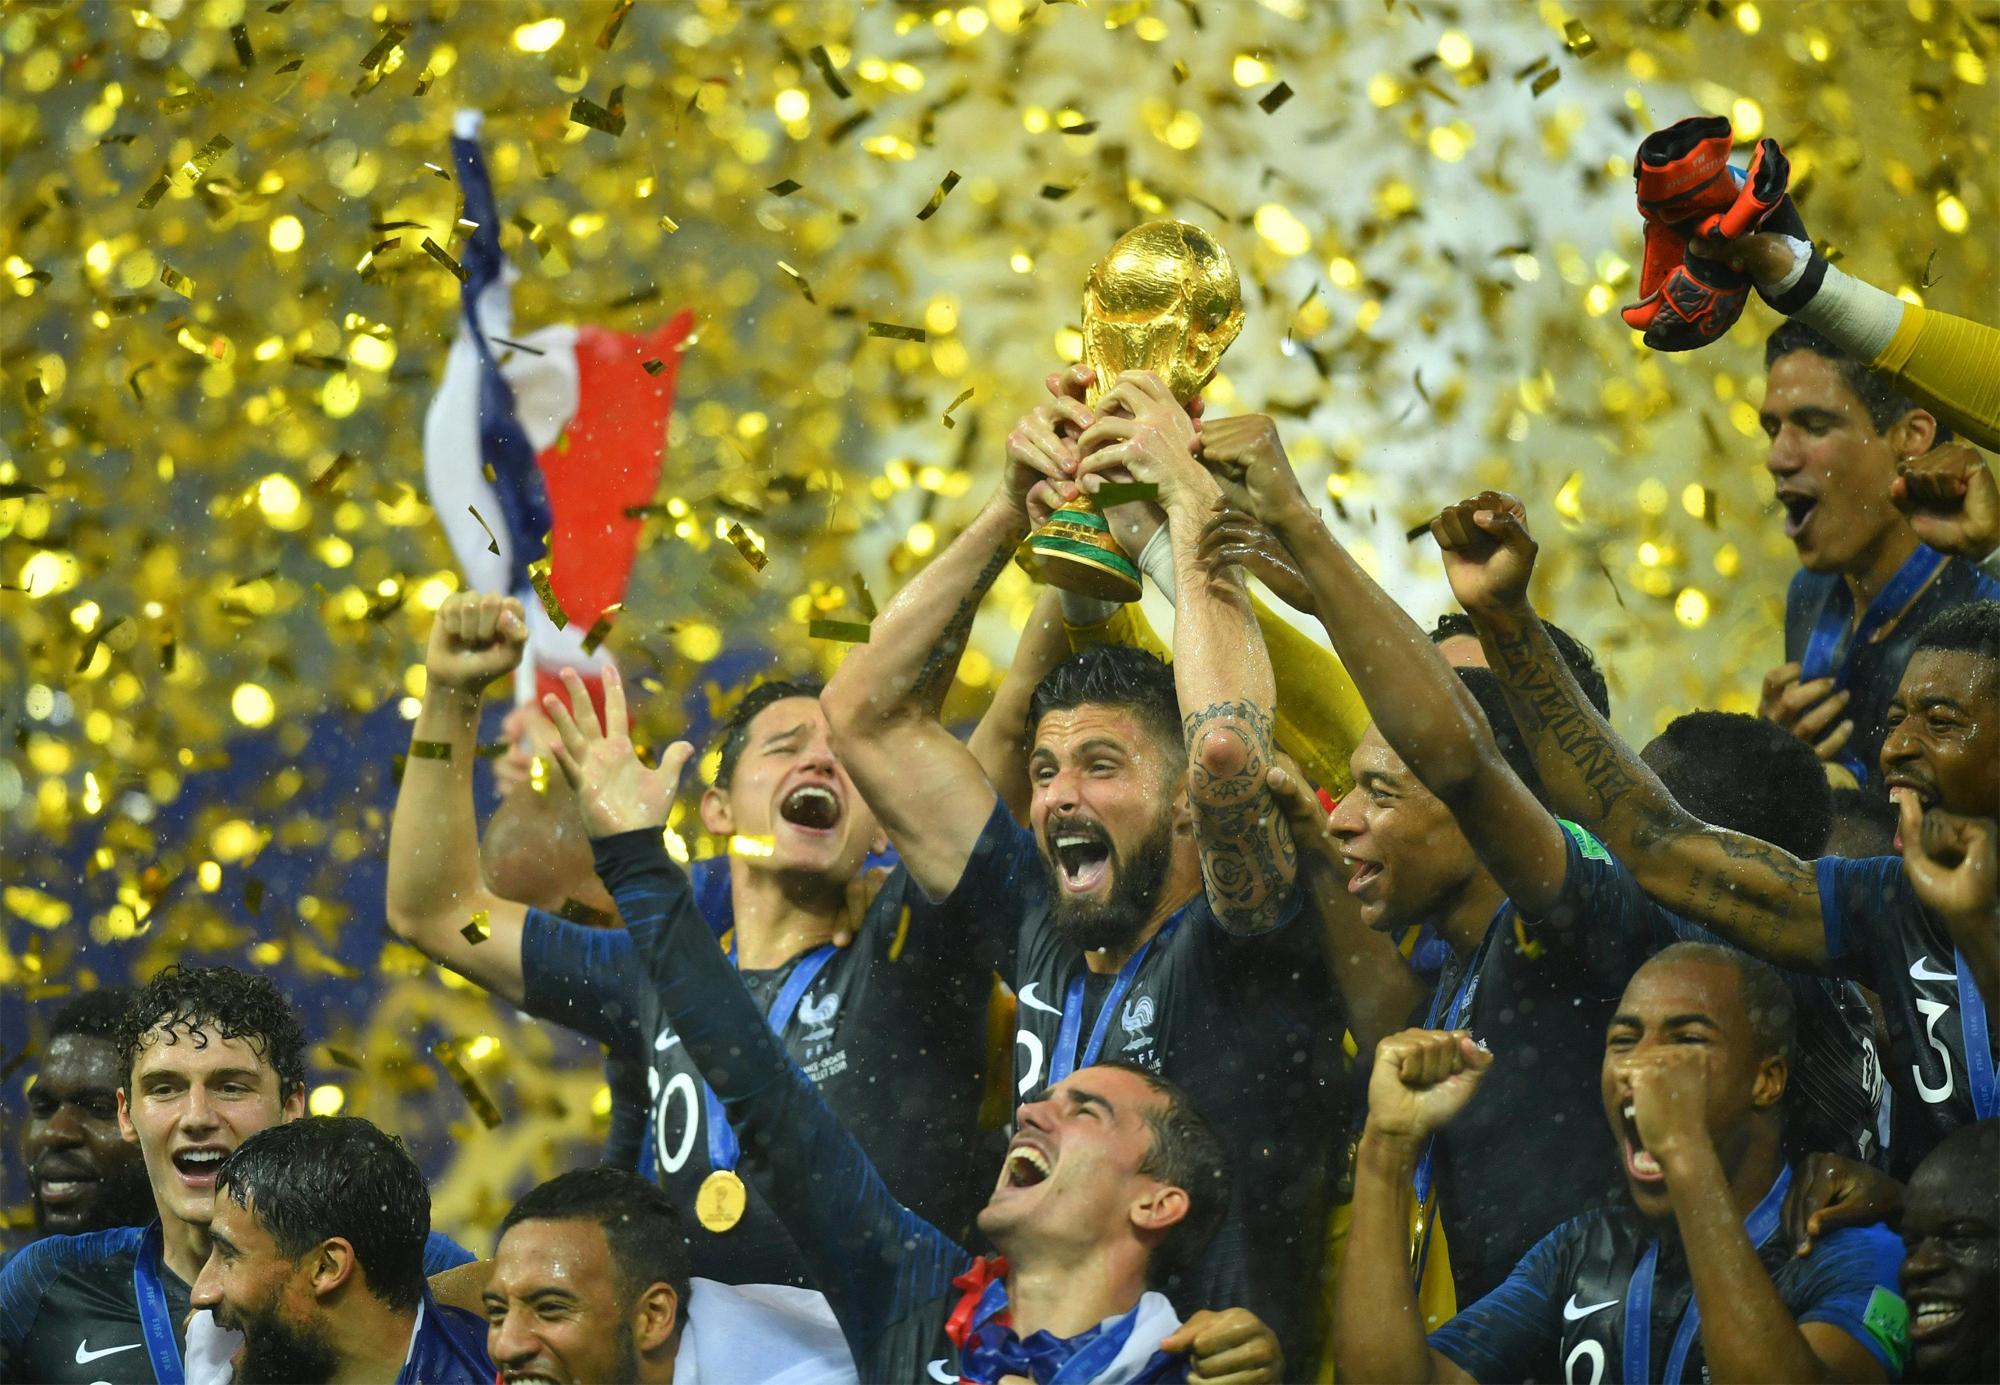 Dedikasi kepada tim inilah yang membuat Giroud berbeda dengan tim Prancis yang memenangkan Piala Dunia 2018 - kejayaan yang mungkin tidak pernah dimiliki Benzema.  Foto: Reuters